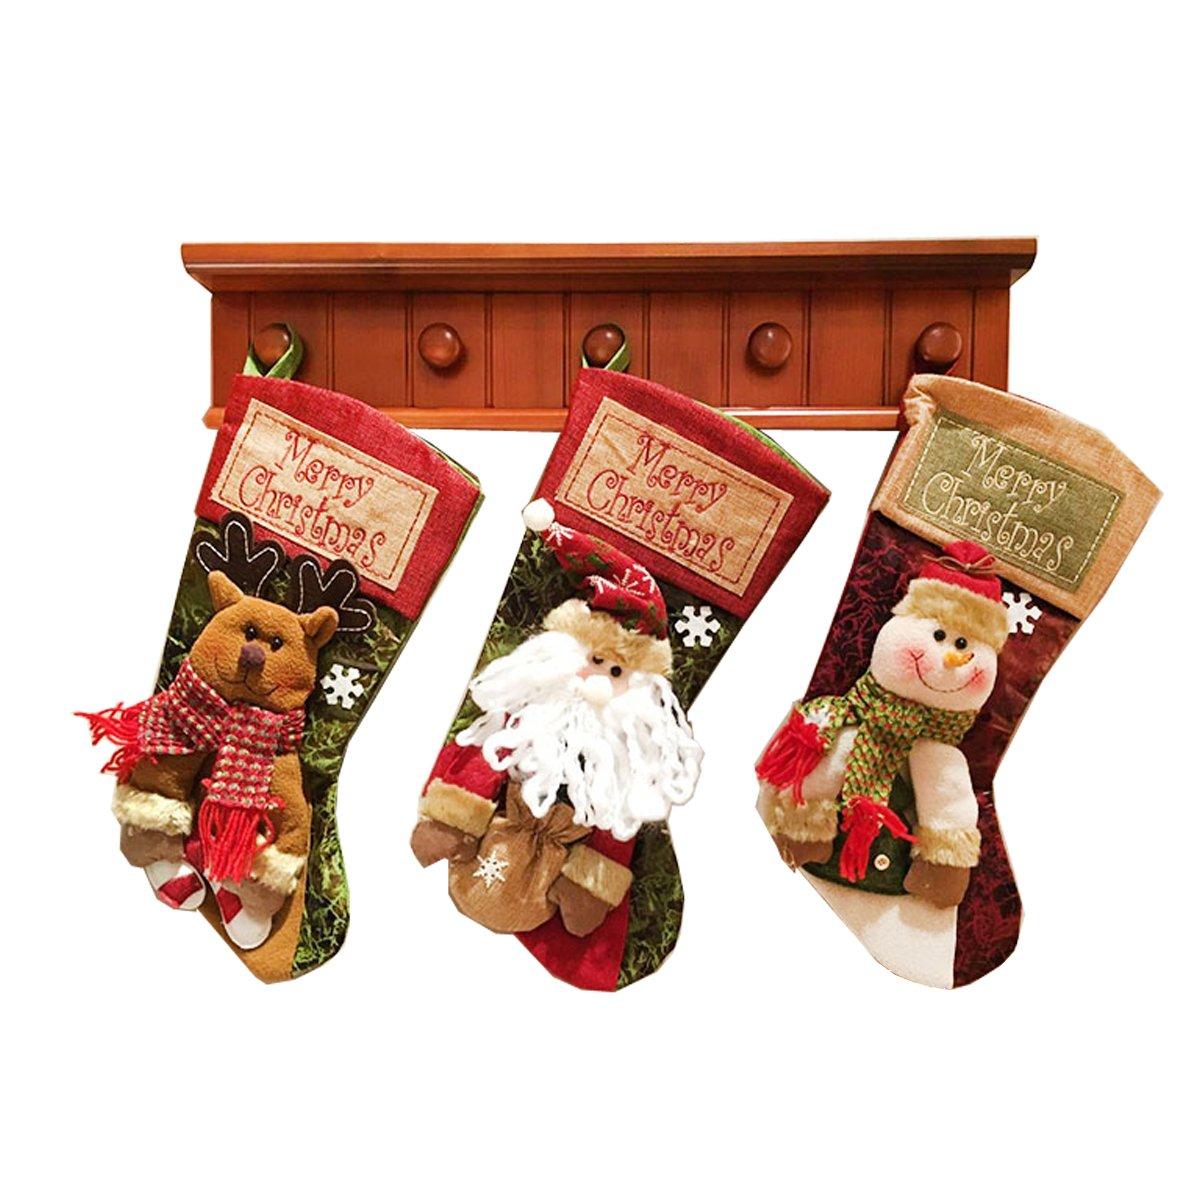 Megadream® - Set di decorazioni per la casa e il bagno adatte per le feste natalizie, con coprisedile per WC, coprirotolo per carta igienica con rivestimento per cassetta del WC e tappetino da bagno, motivo: Babbo Natale, confezione da 3 pezzi, Christm